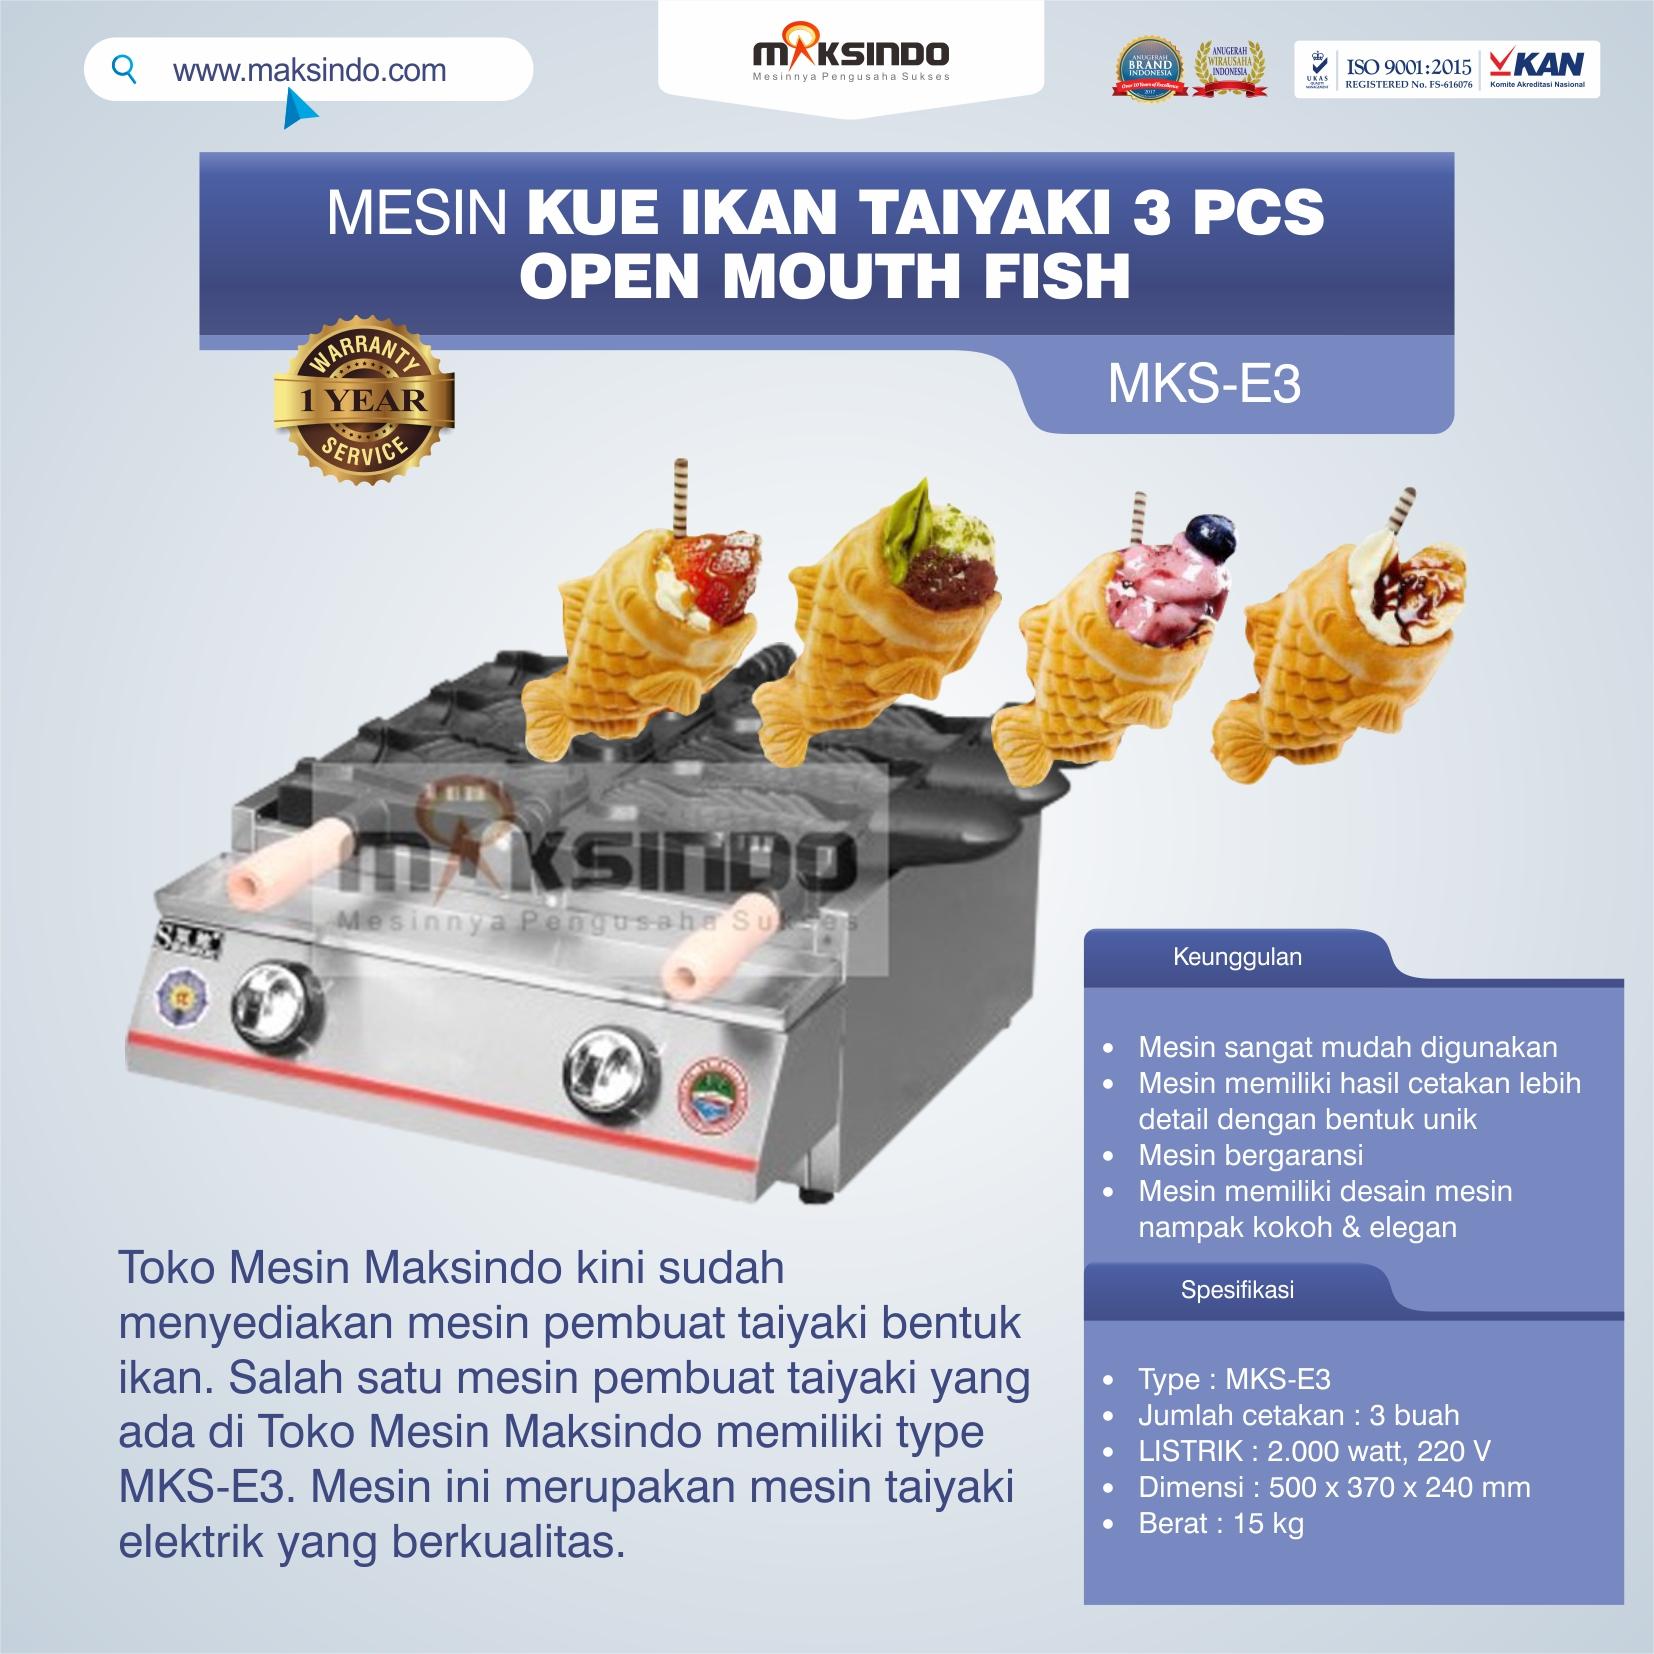 Jual Mesin Kue Ikan Taiyaki (3 pcs) – Open Mouth Fish di Yogyakarta